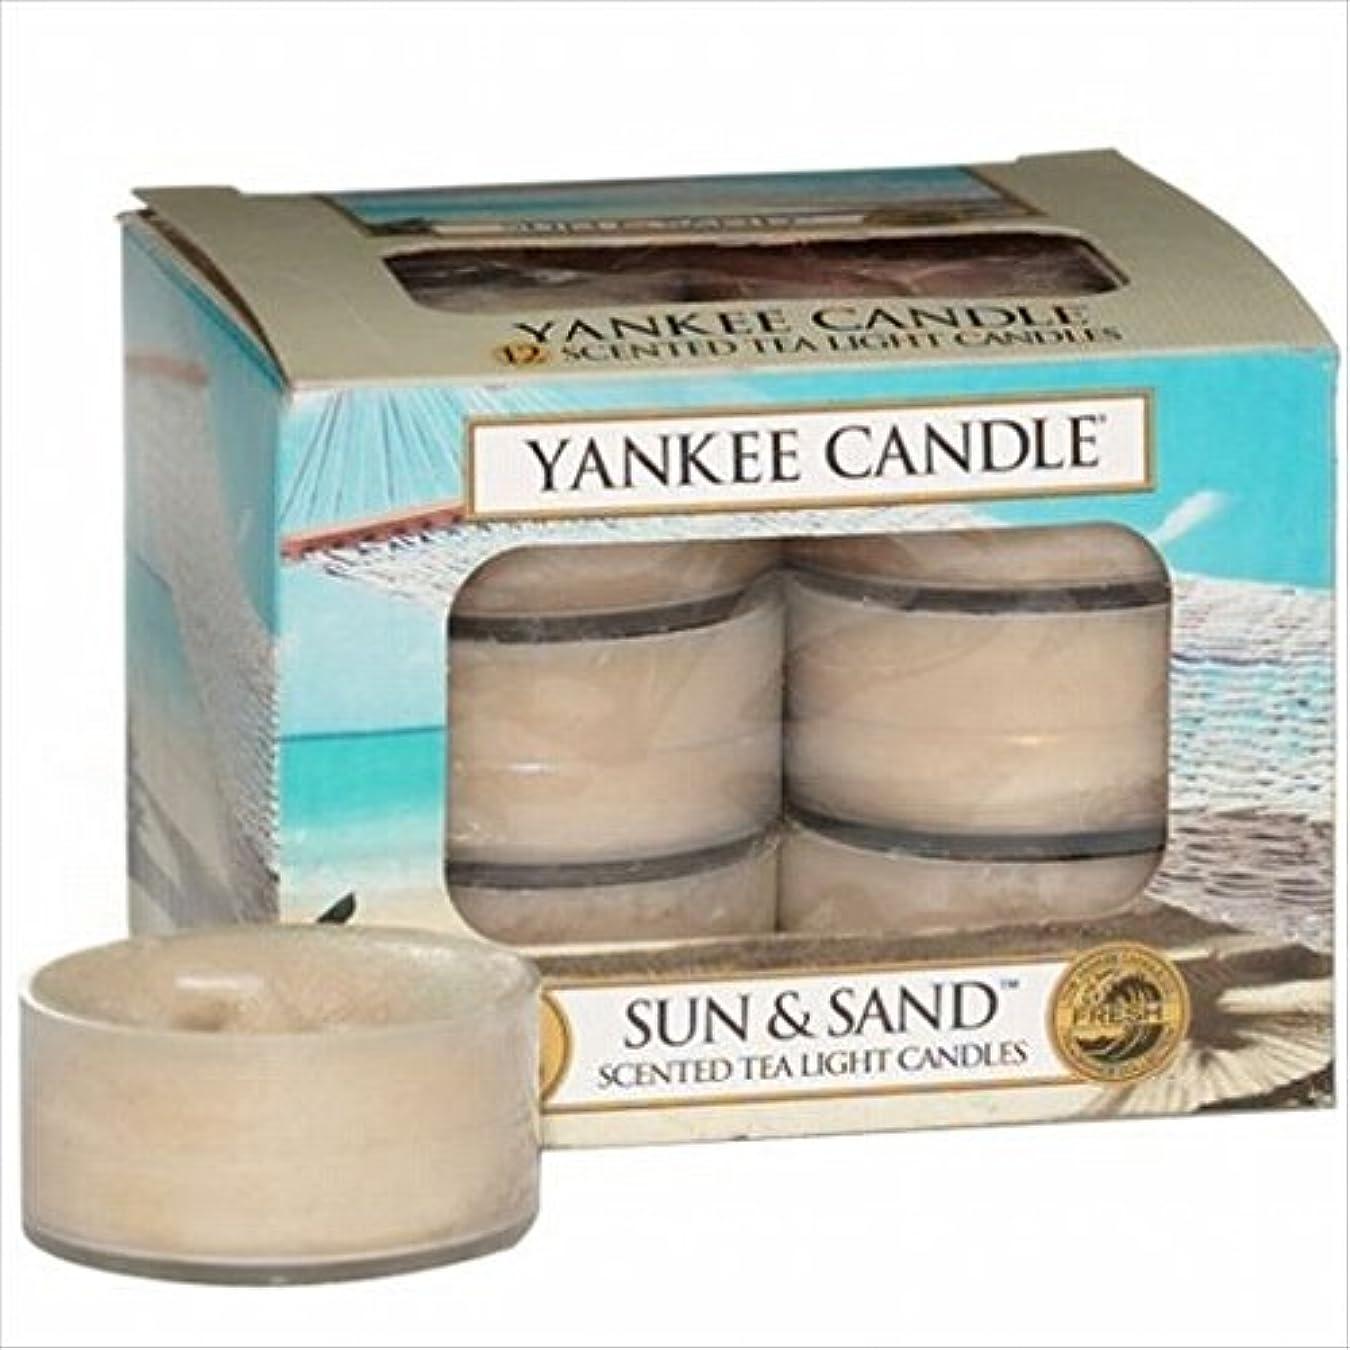 トレーダー静かに徹底ヤンキーキャンドル( YANKEE CANDLE ) YANKEE CANDLE クリアカップティーライト12個入り 「 サン&サンド 」